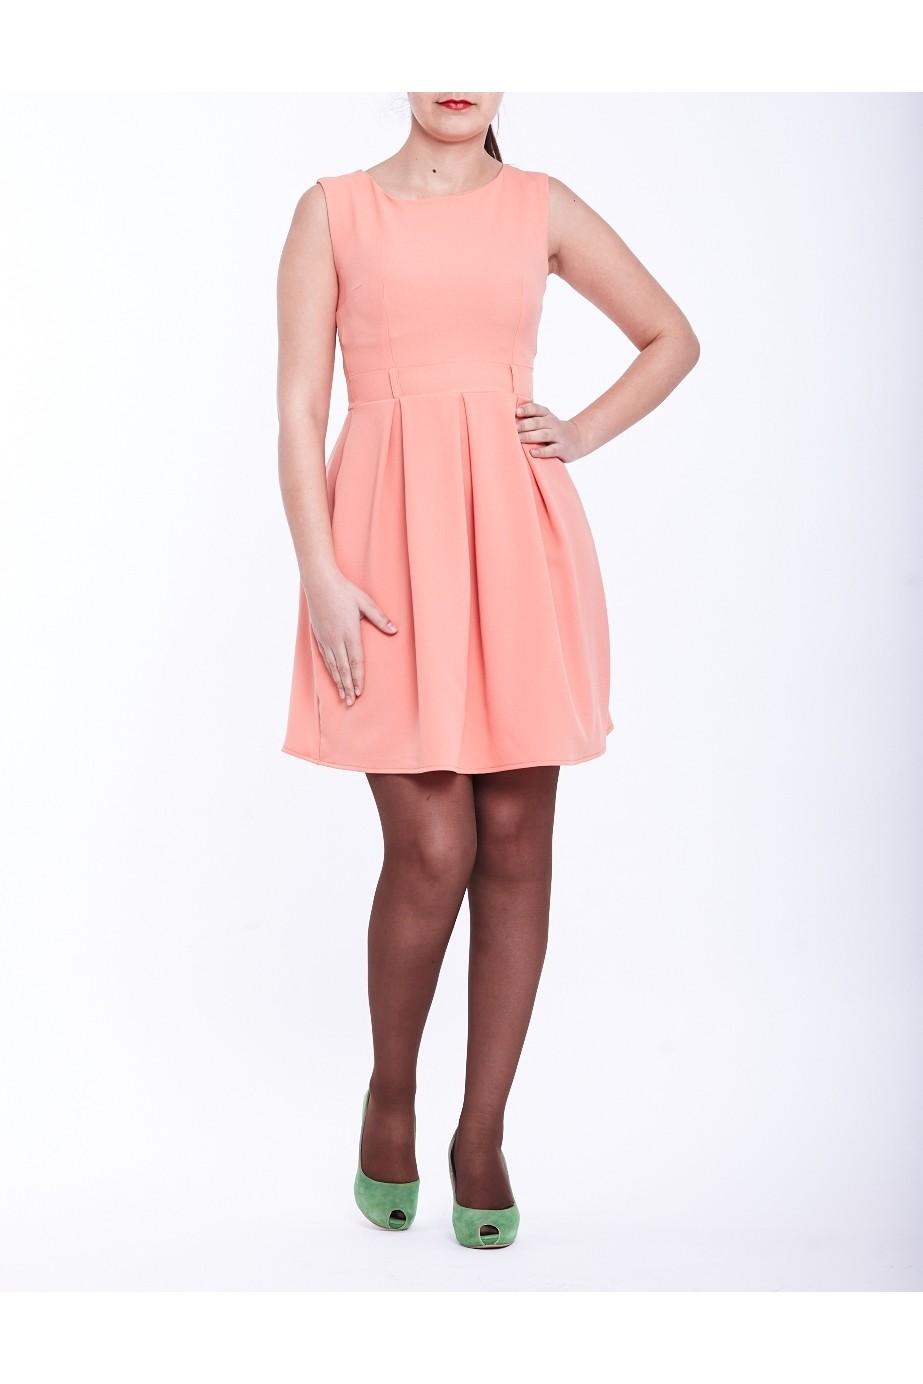 Rochie roz uni cu cute TinaR 42